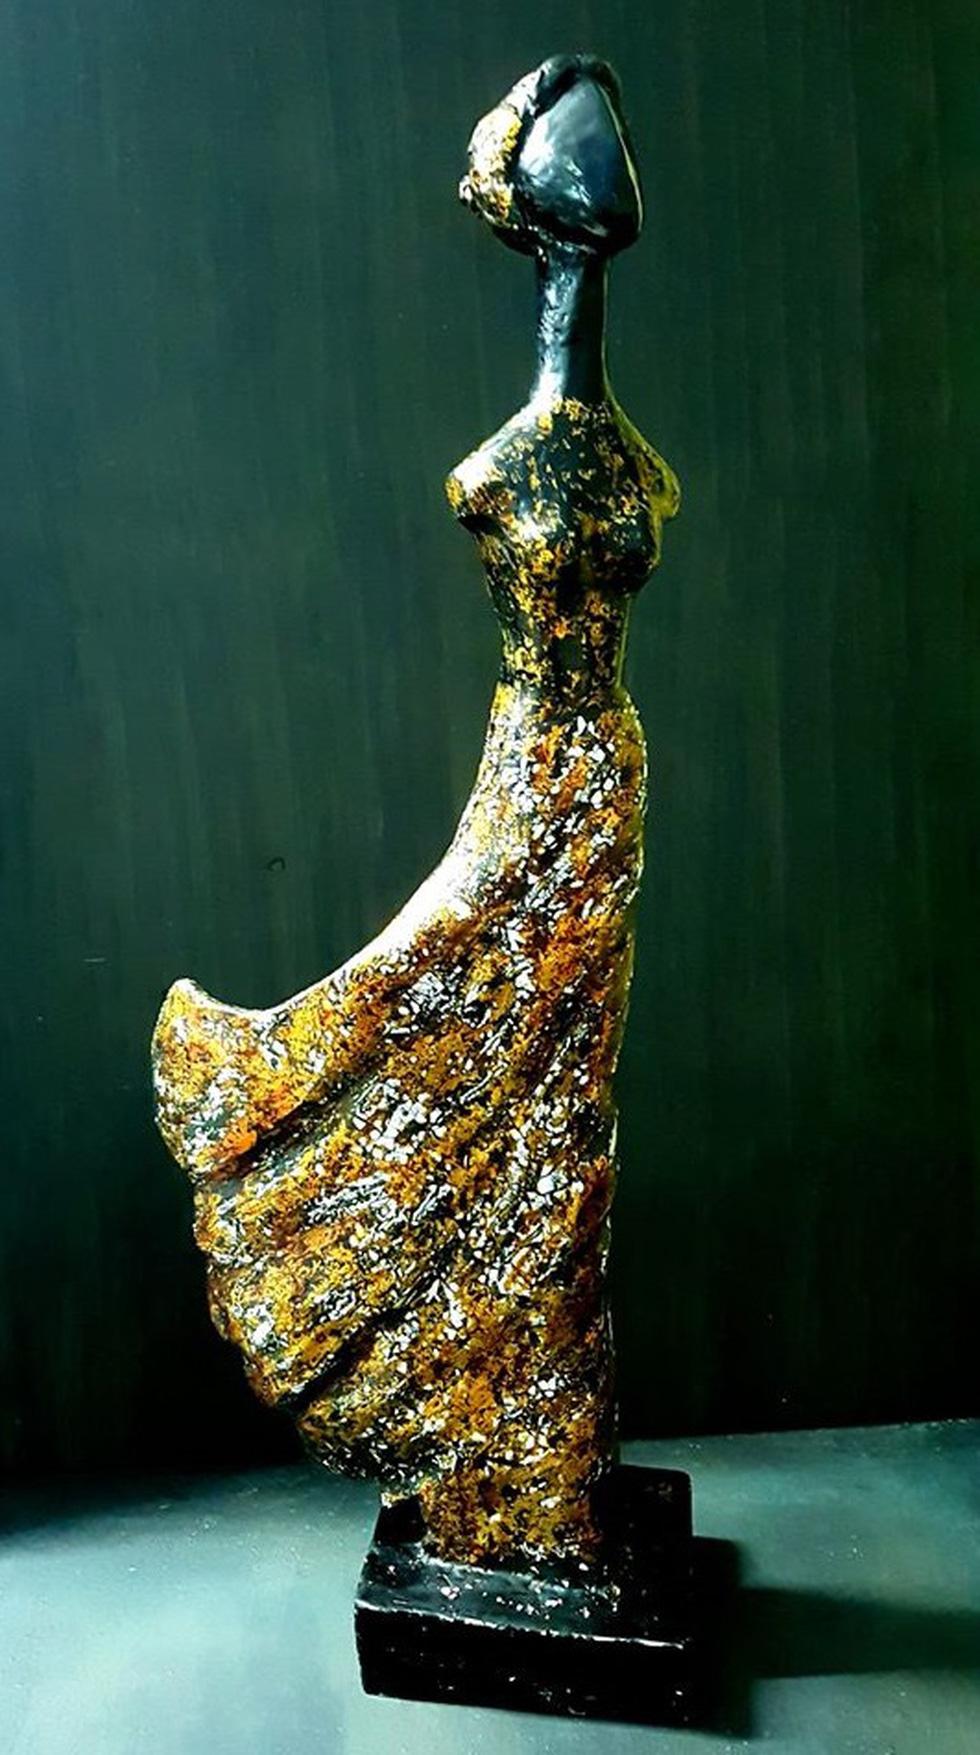 Ngắm tác phẩm của 13 điêu khắc gia trong triển lãm online - Ảnh 6.